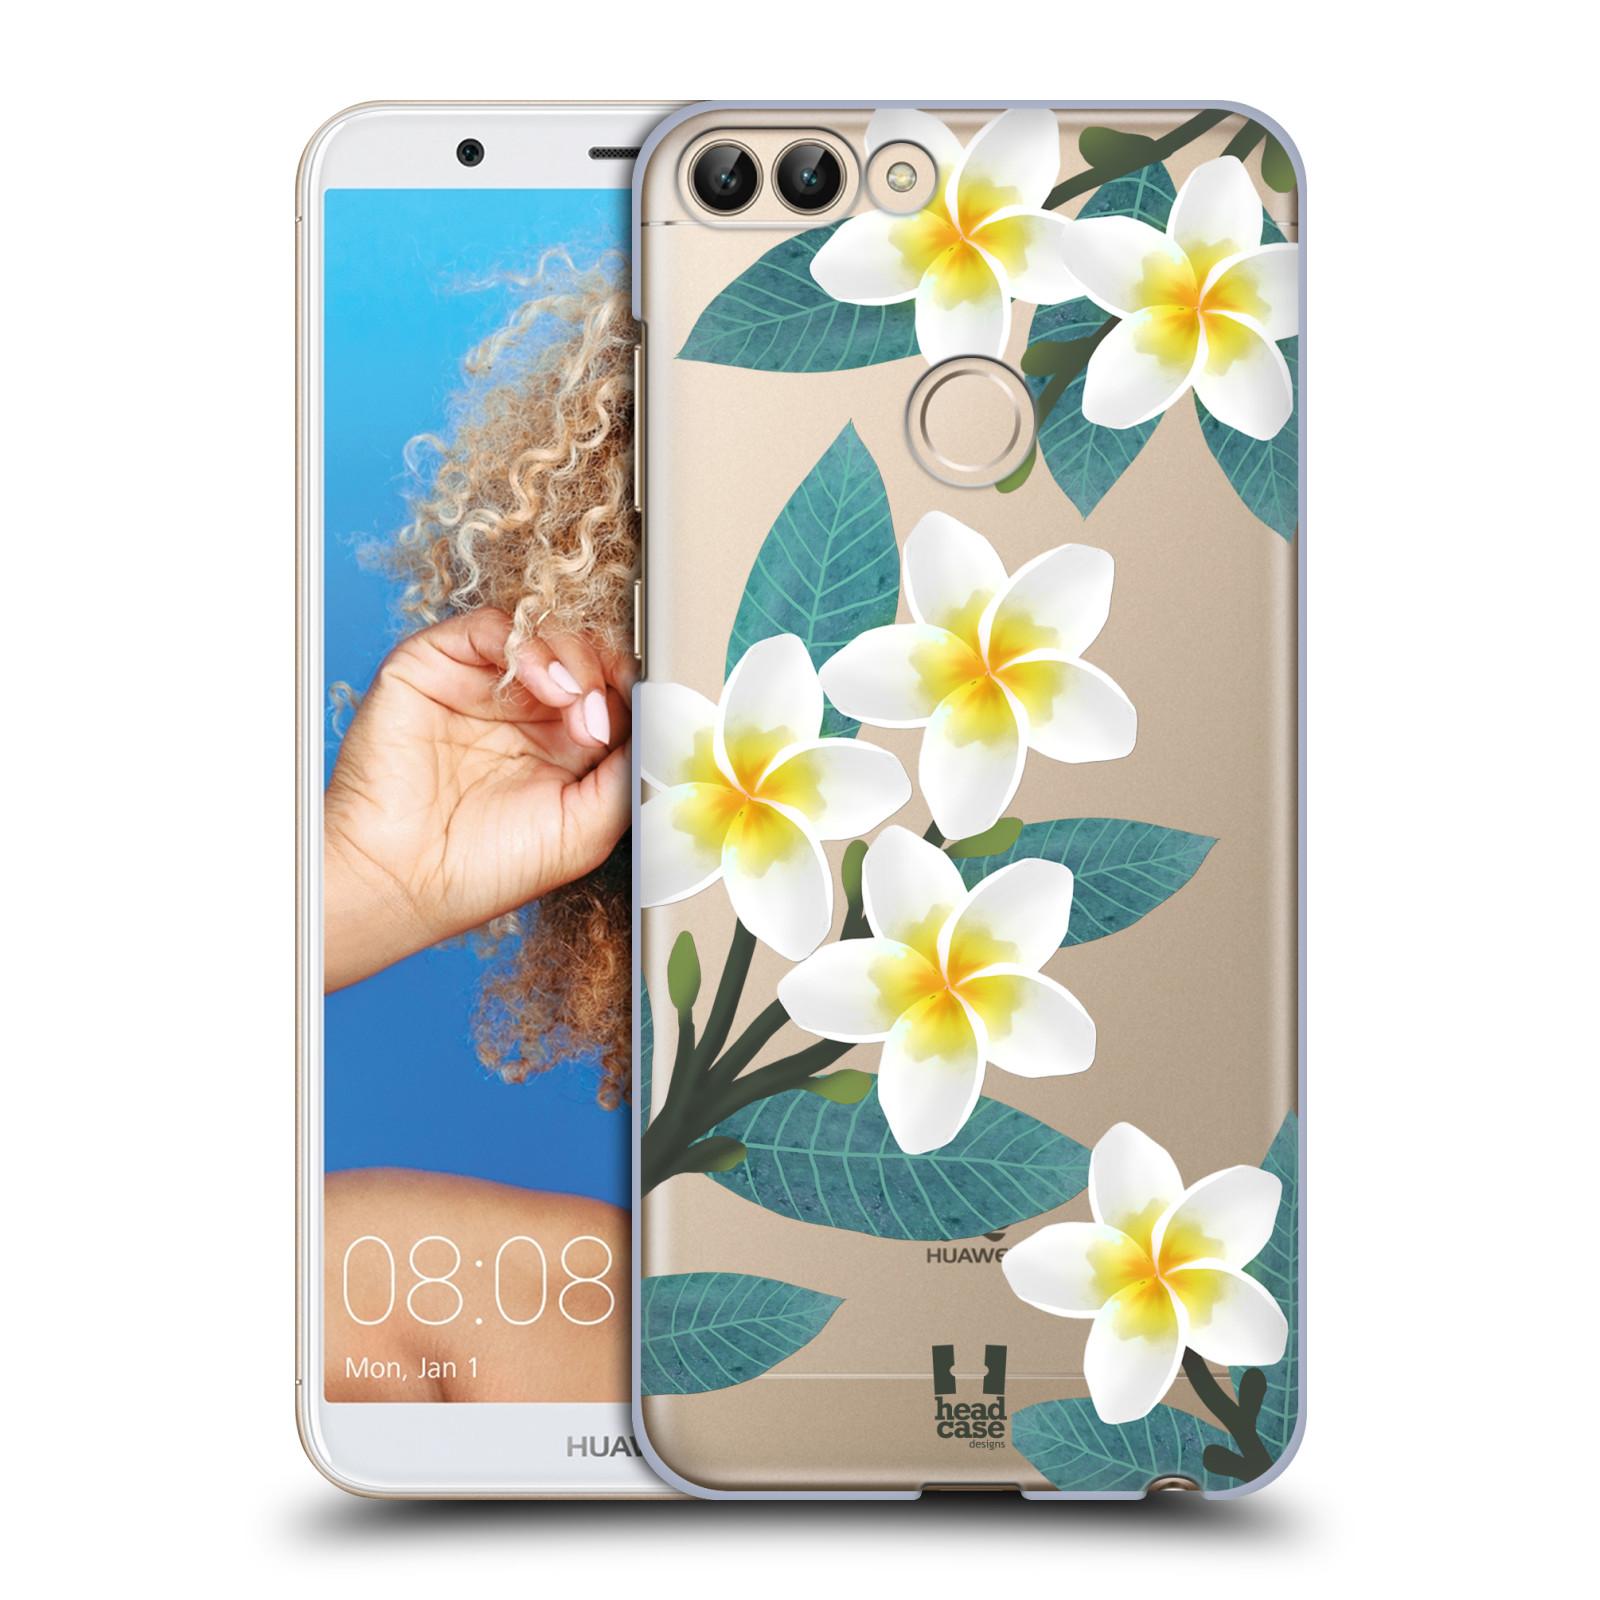 HEAD CASE plastový obal na mobil Huawei P Smart květinové vzory Plumérie